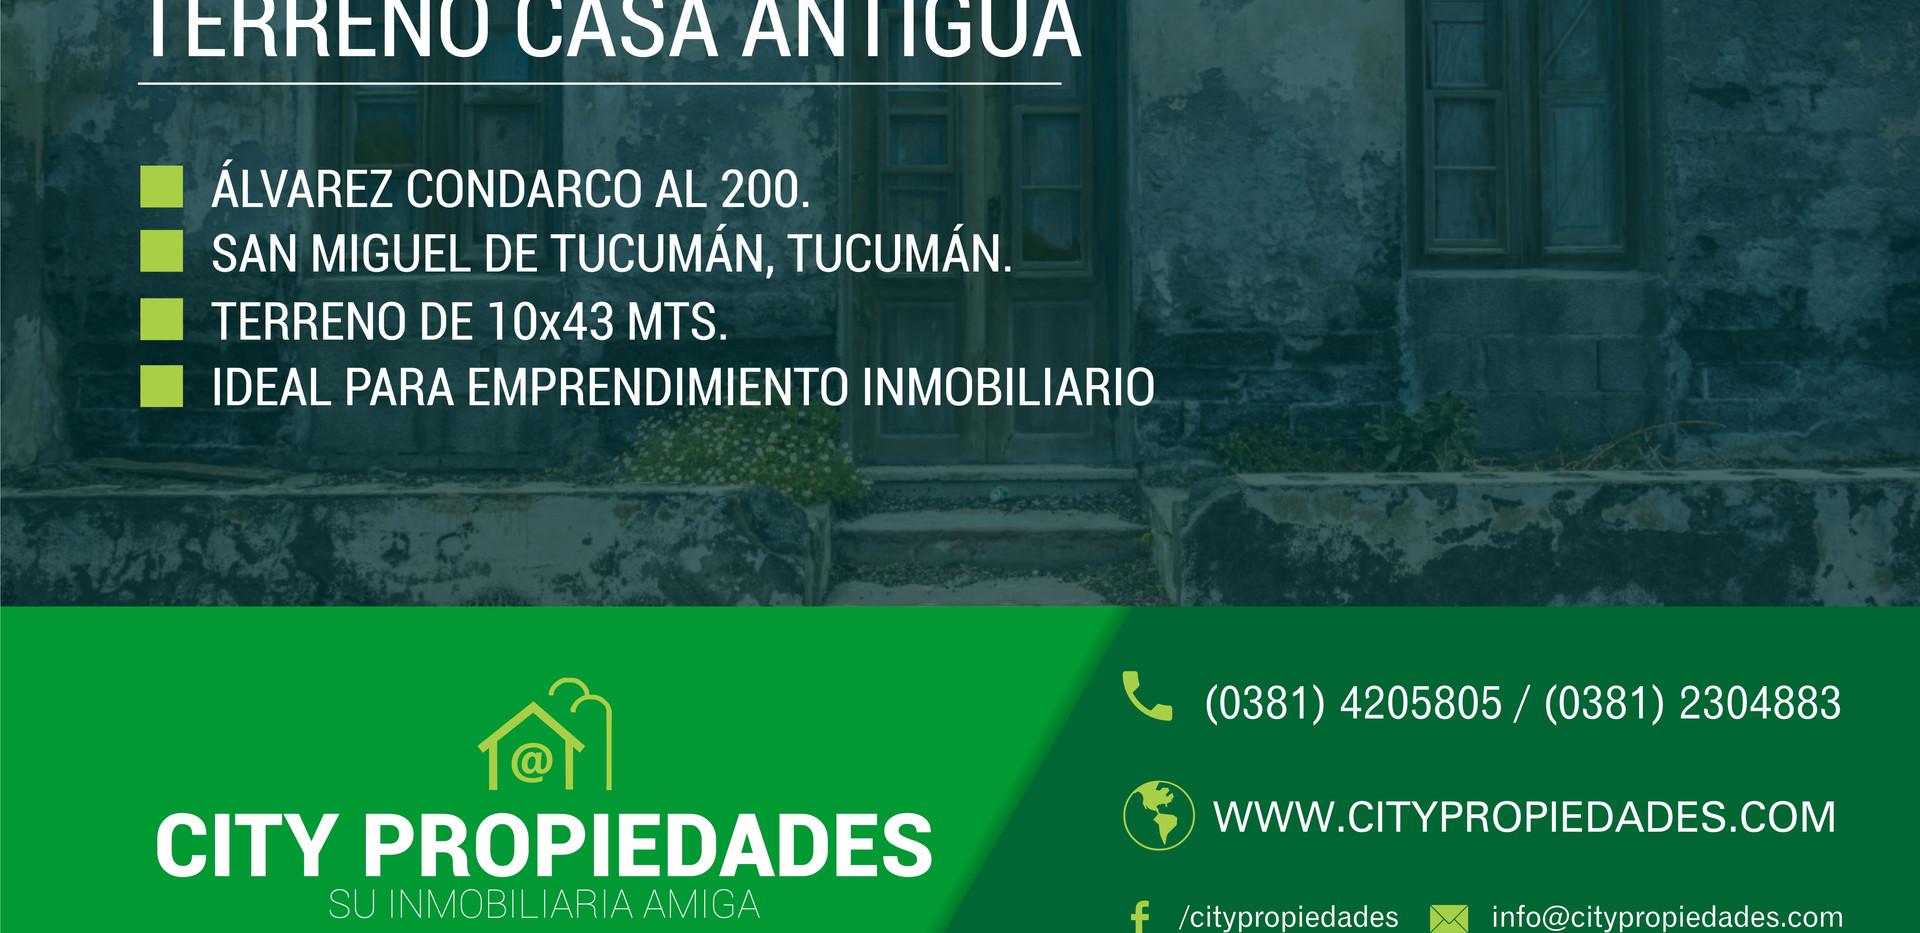 CITY PROPIEDADES ALVAREZ CONDARCO AL 200